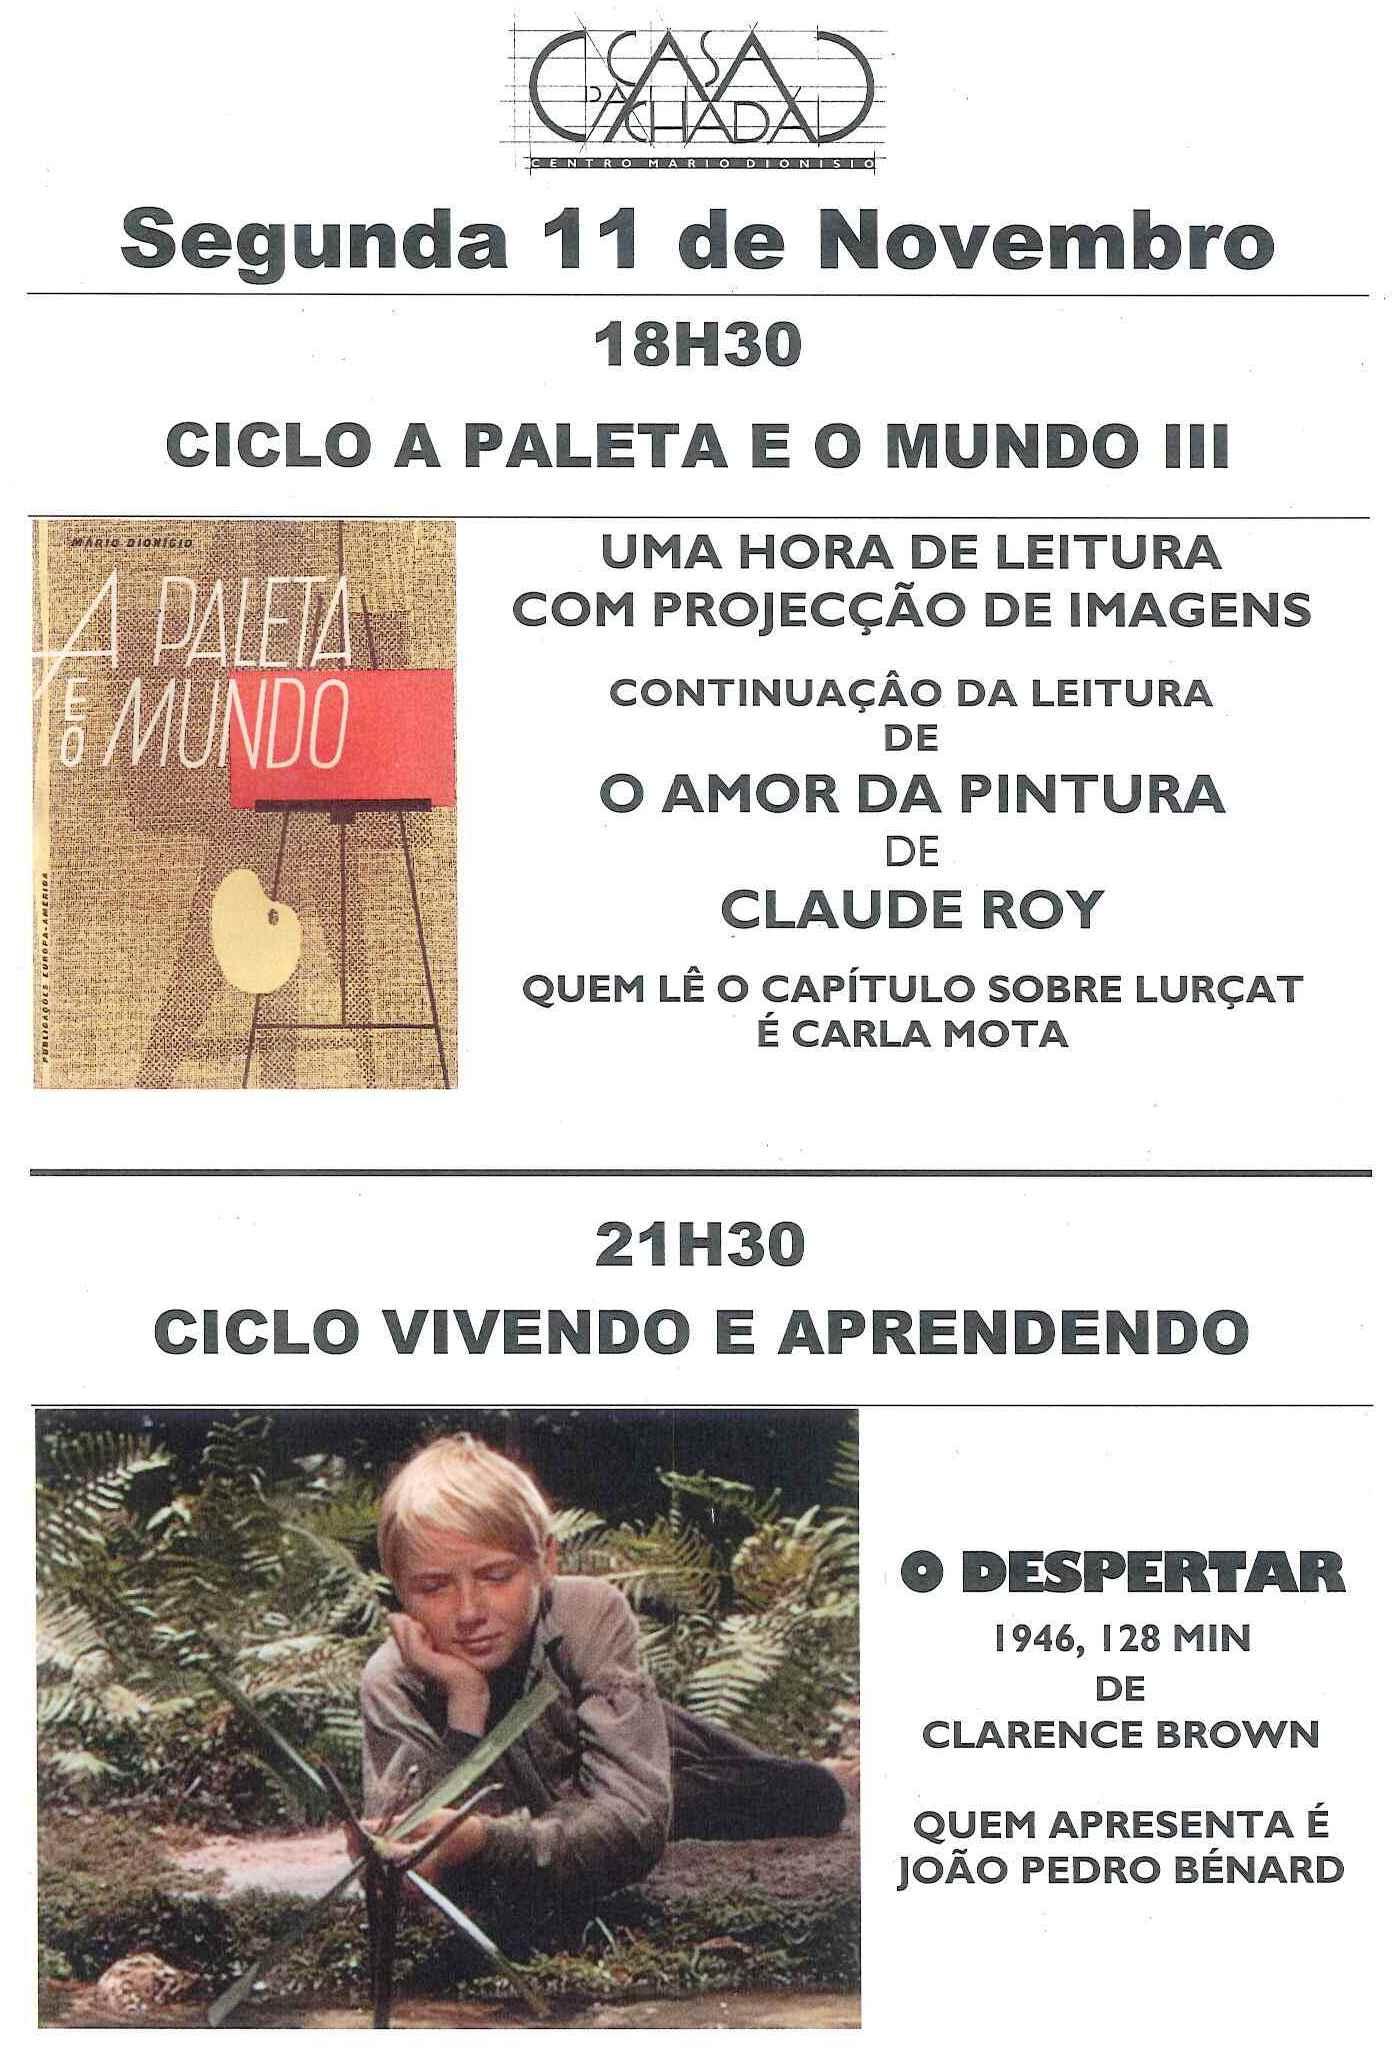 CARTAZ SEGUNDA 11 NOVEMBRO 13